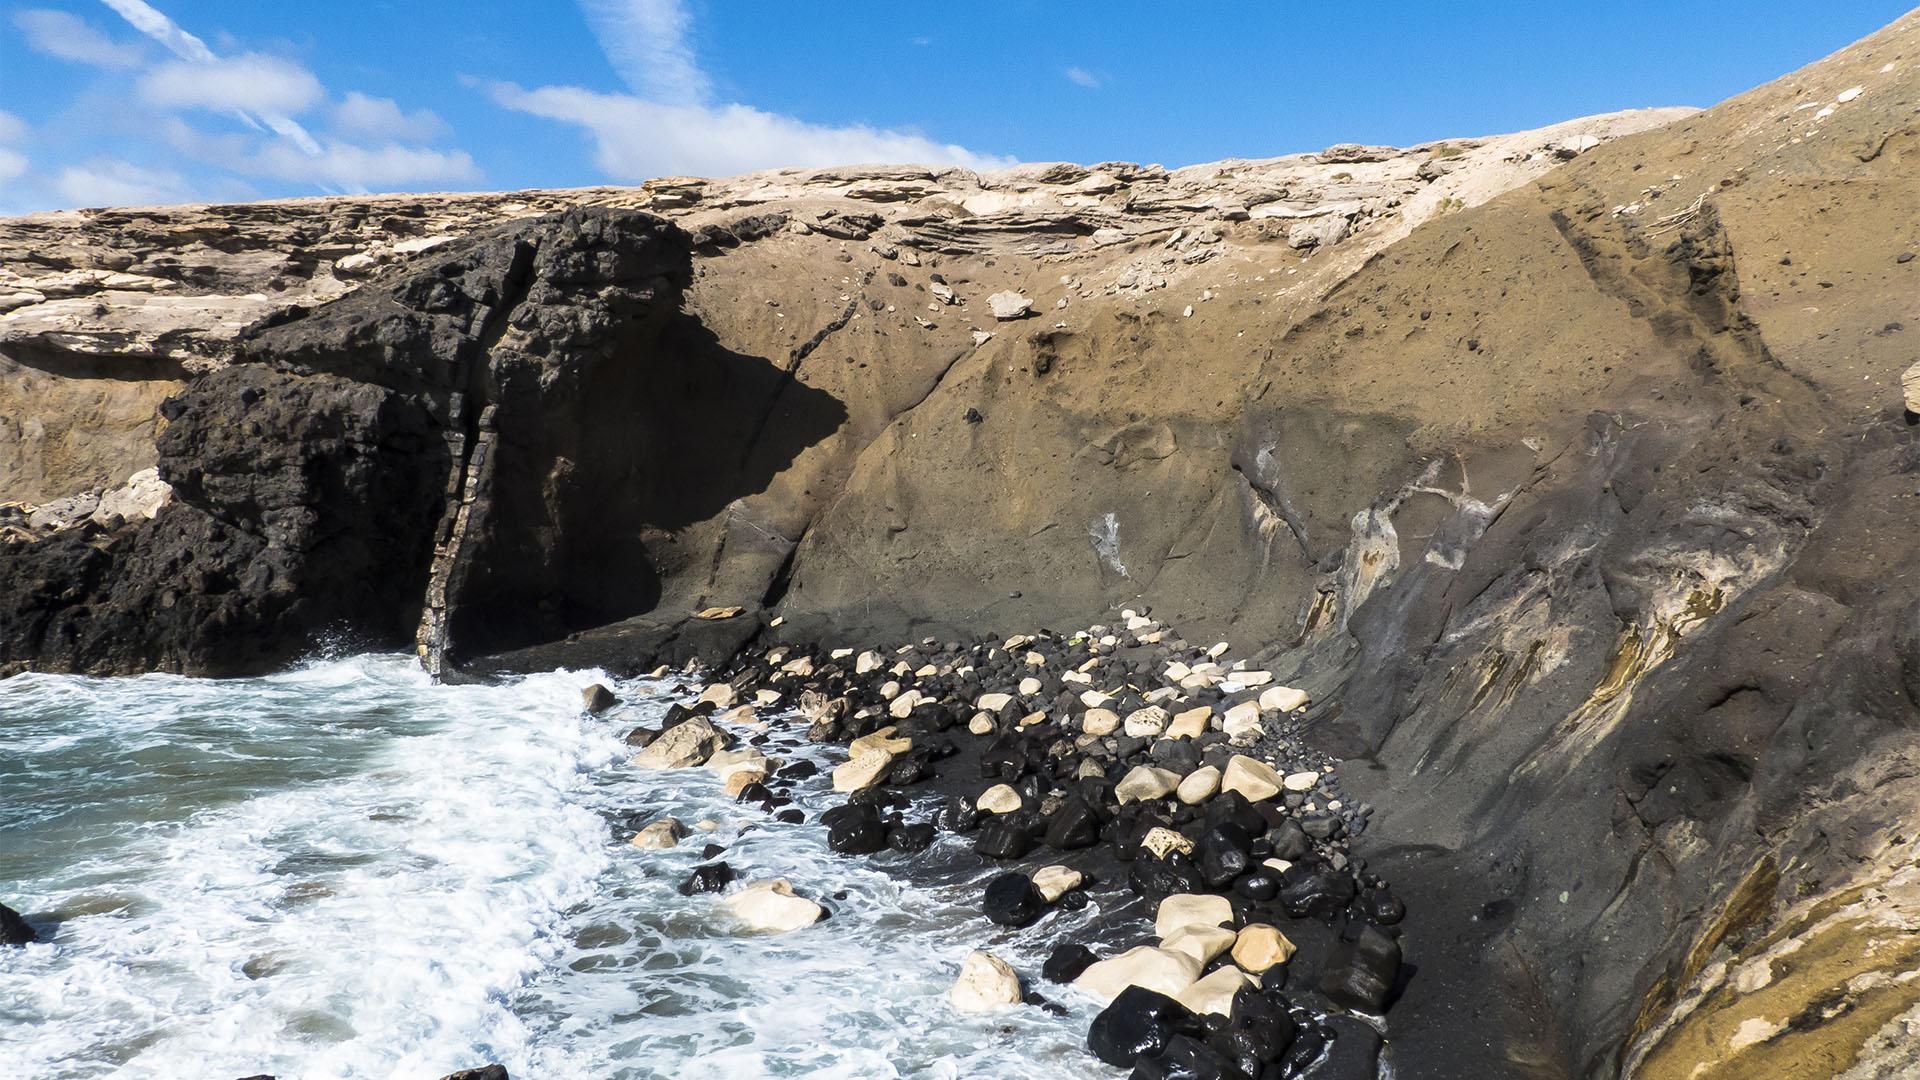 Die Strände Fuerteventuras: Playa del Viejo Rey.